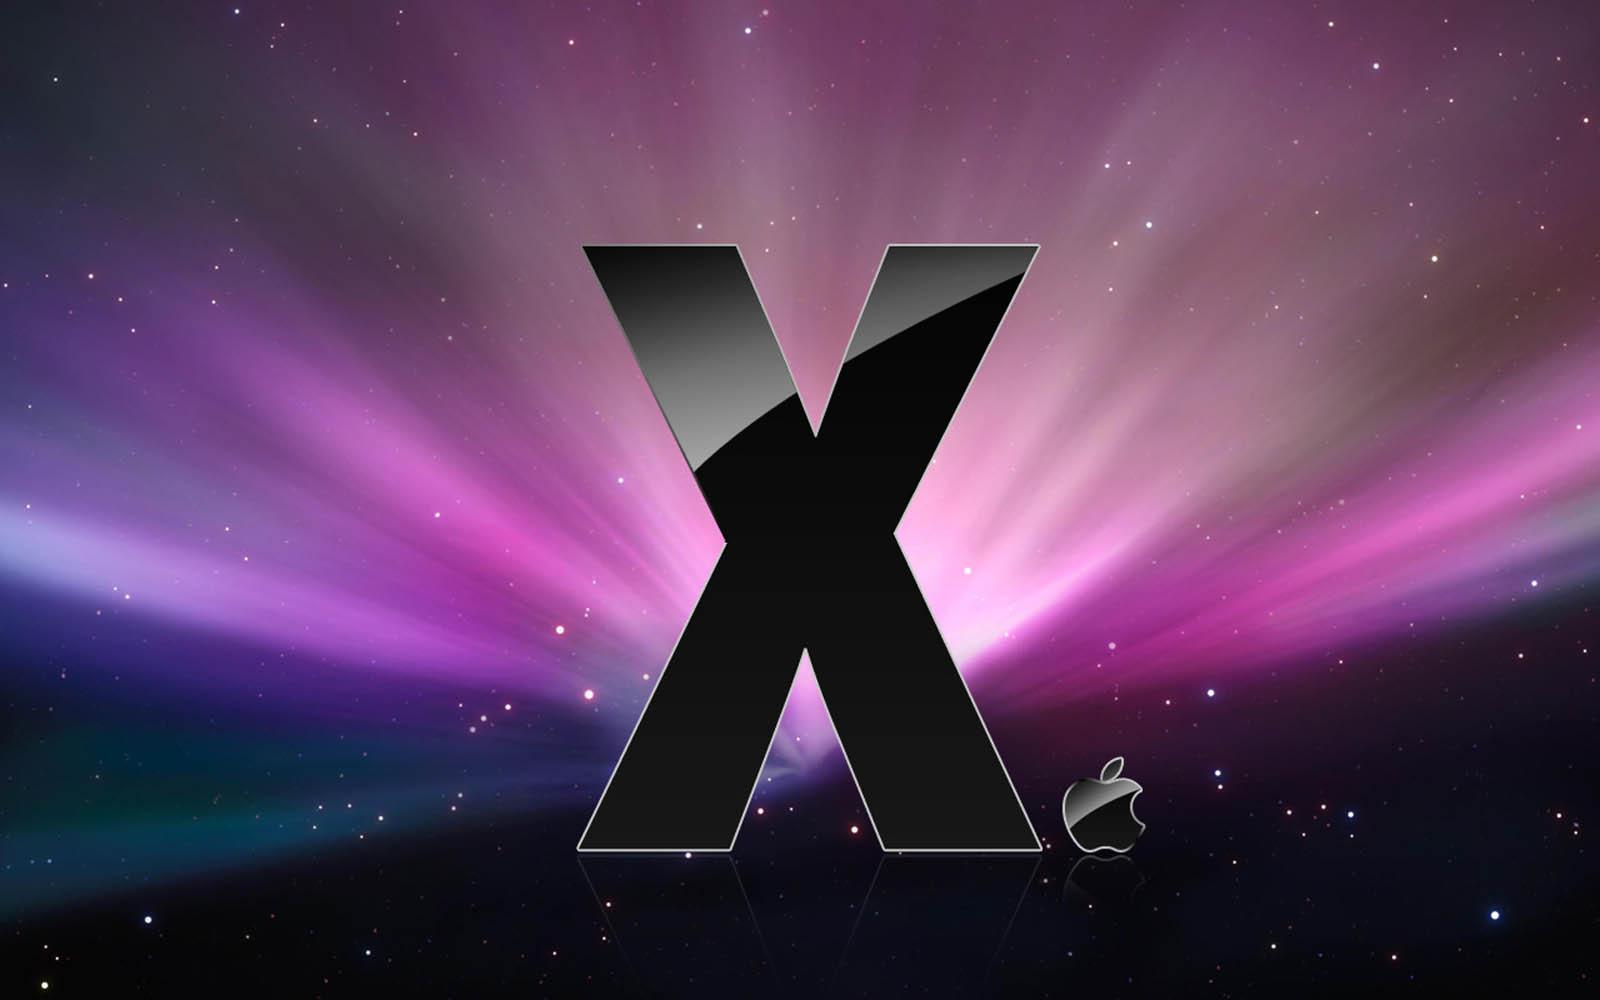 ... mac os x wallpapers mac os x desktop wallpapers mac os x desktop